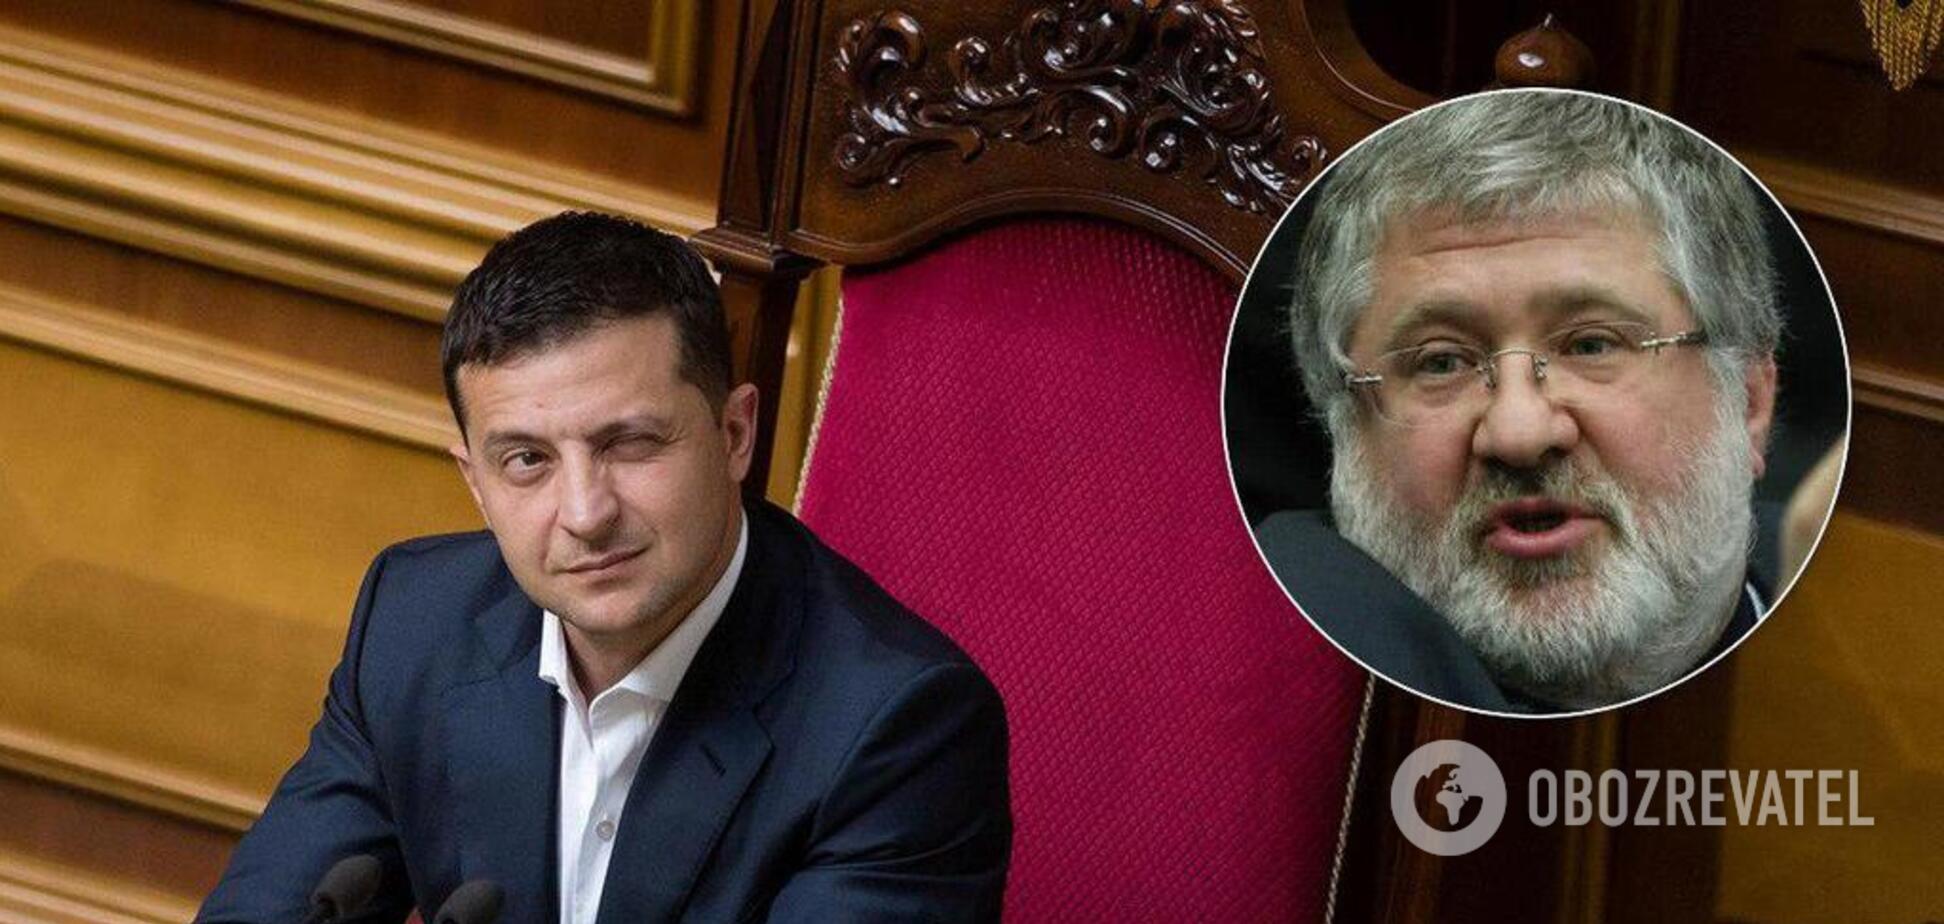 Зеленський поставив крапку у питанні повернення ПриватБанку Коломойському